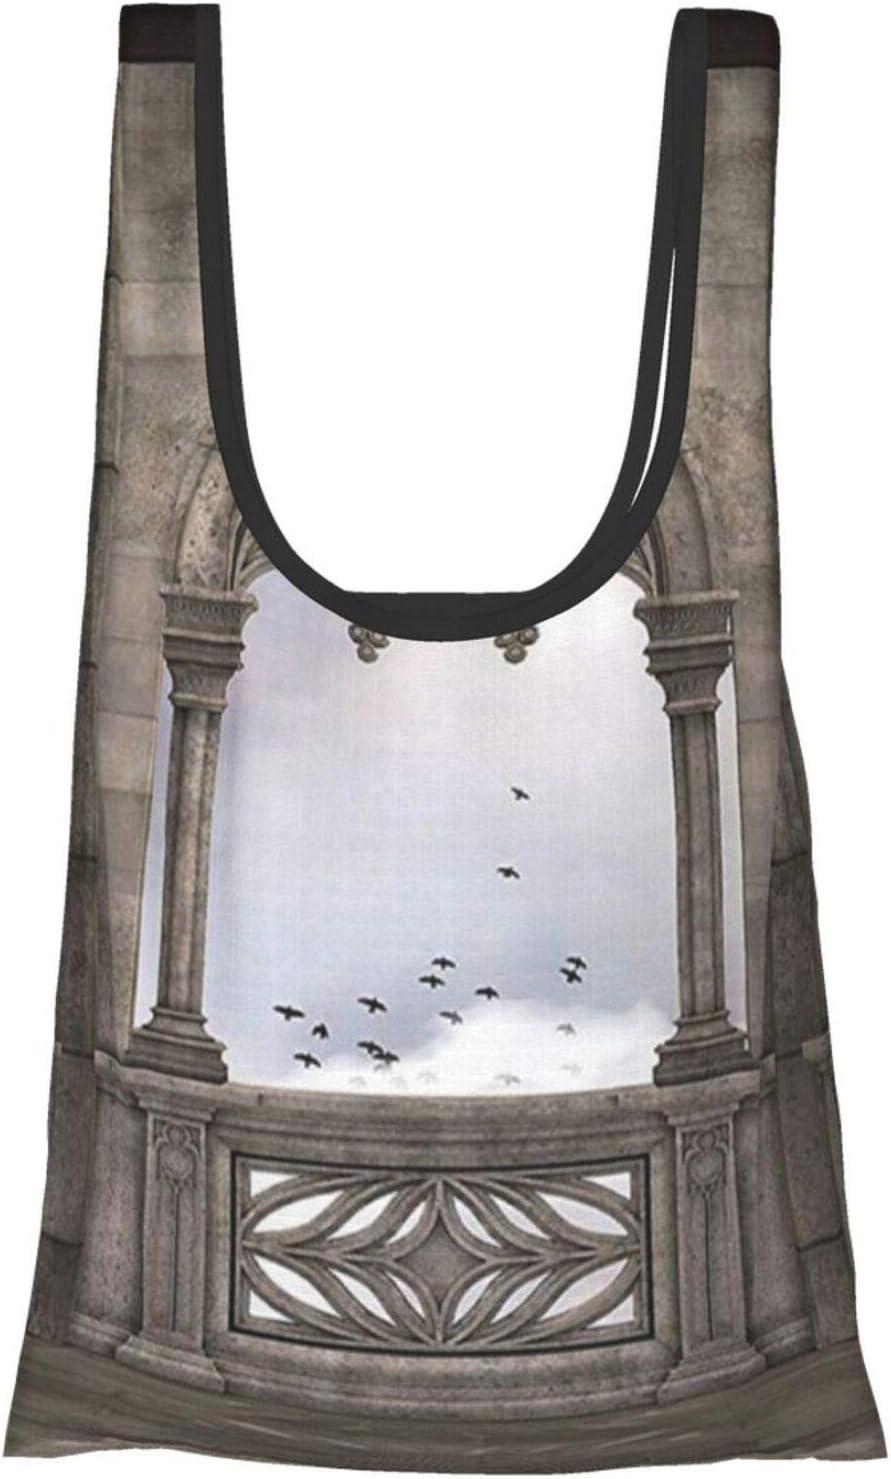 Hdaw Decor Collection - Balcón de piedra medieval con curvas, diseño gráfico místico de la Edad Media con impresión de leyendas reutilizables y plegables